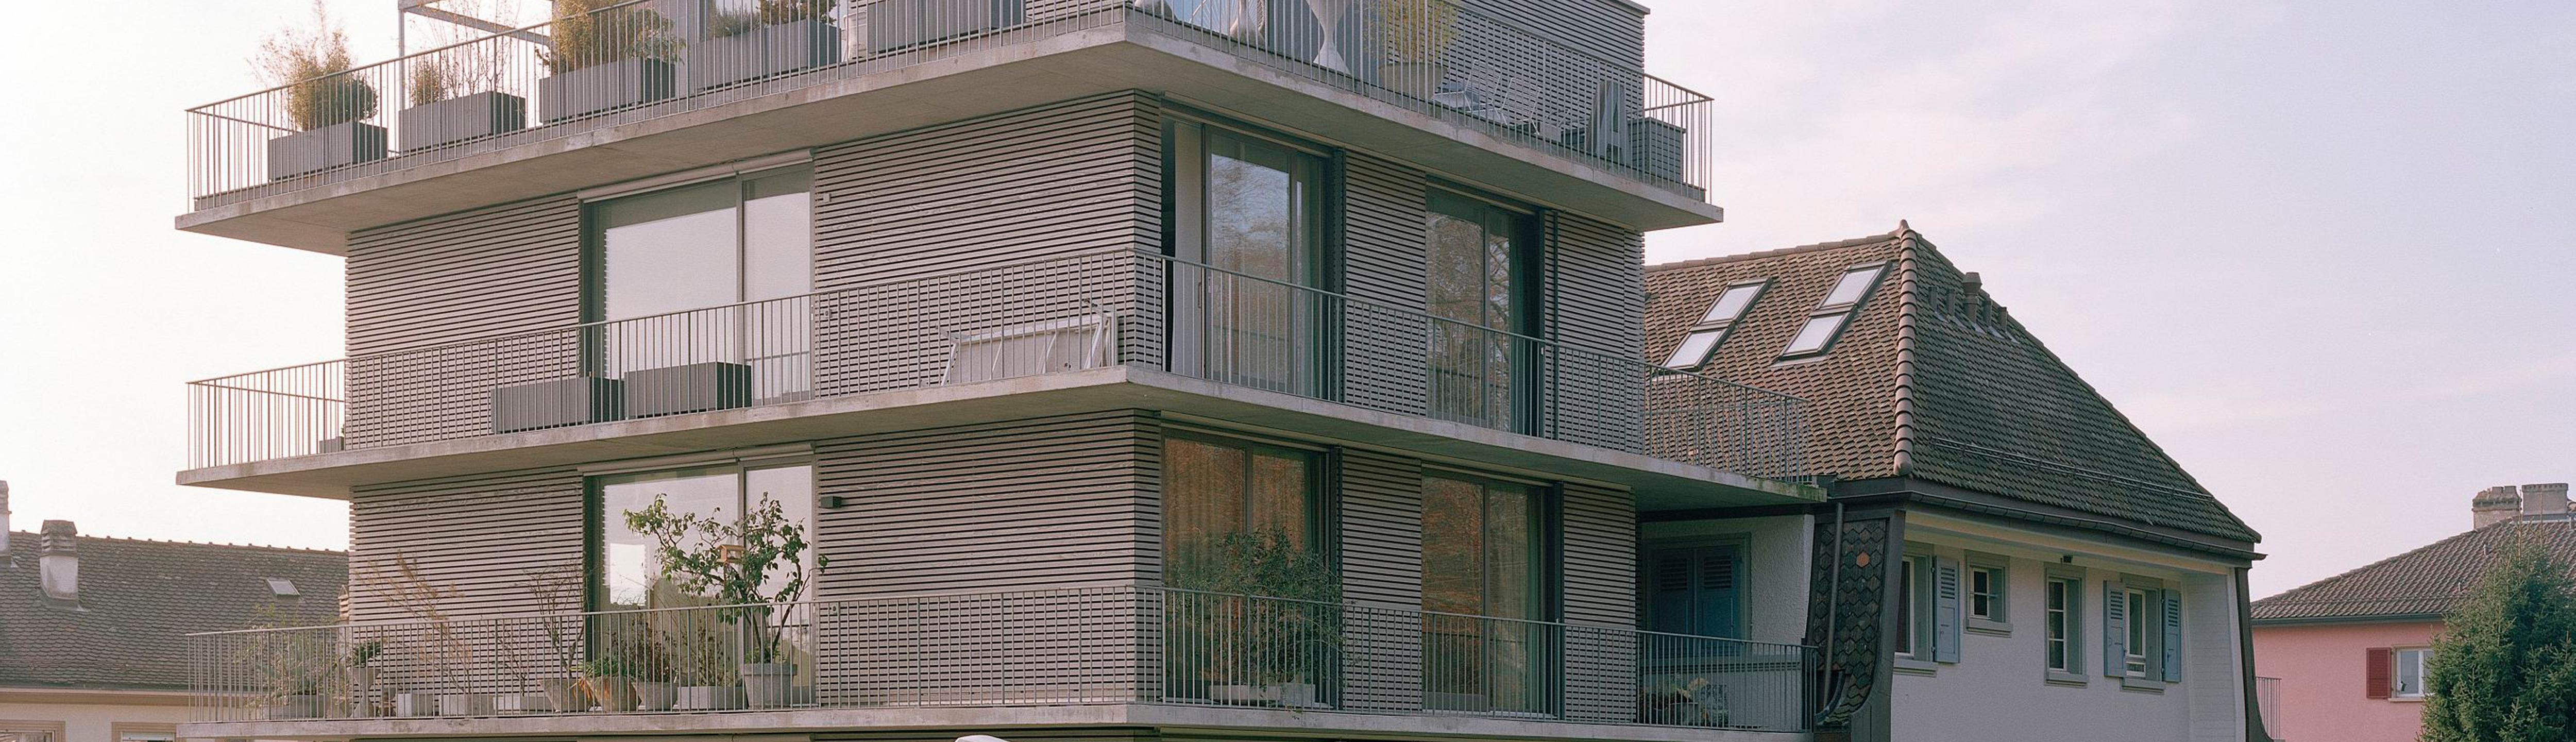 Lausanne al30 architectes for Architecte lausanne